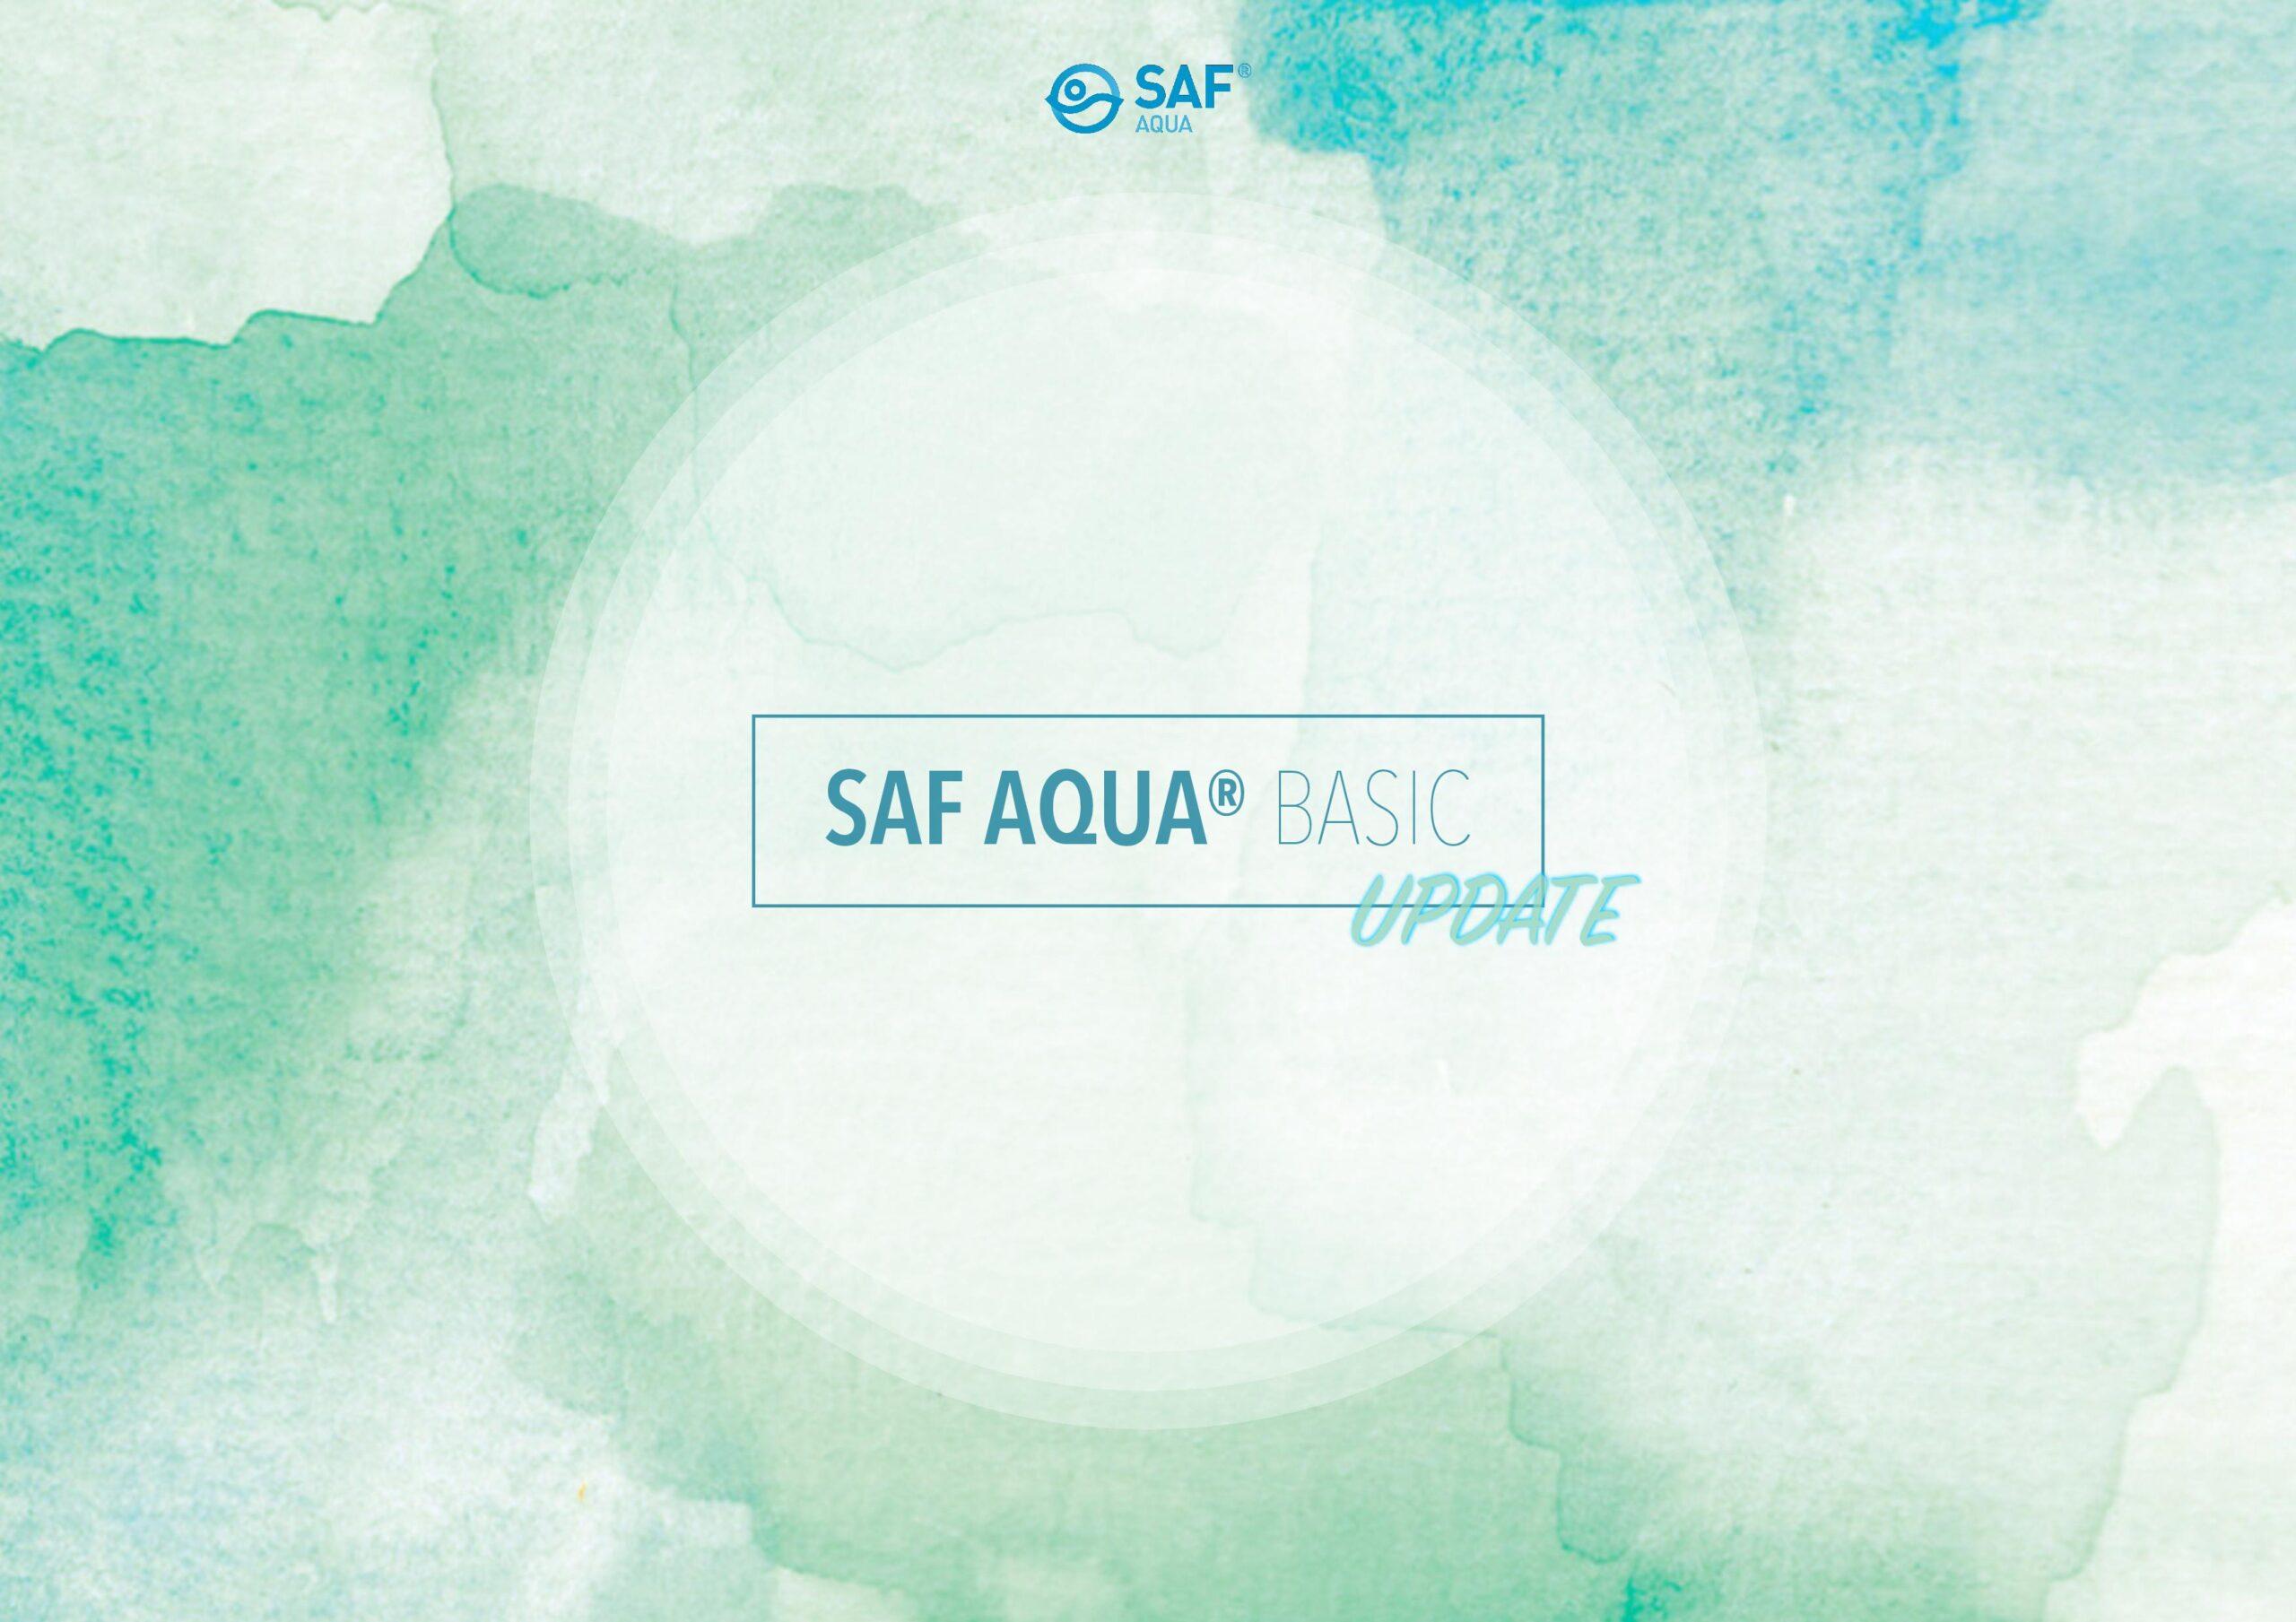 SAF AQUA Basic Update